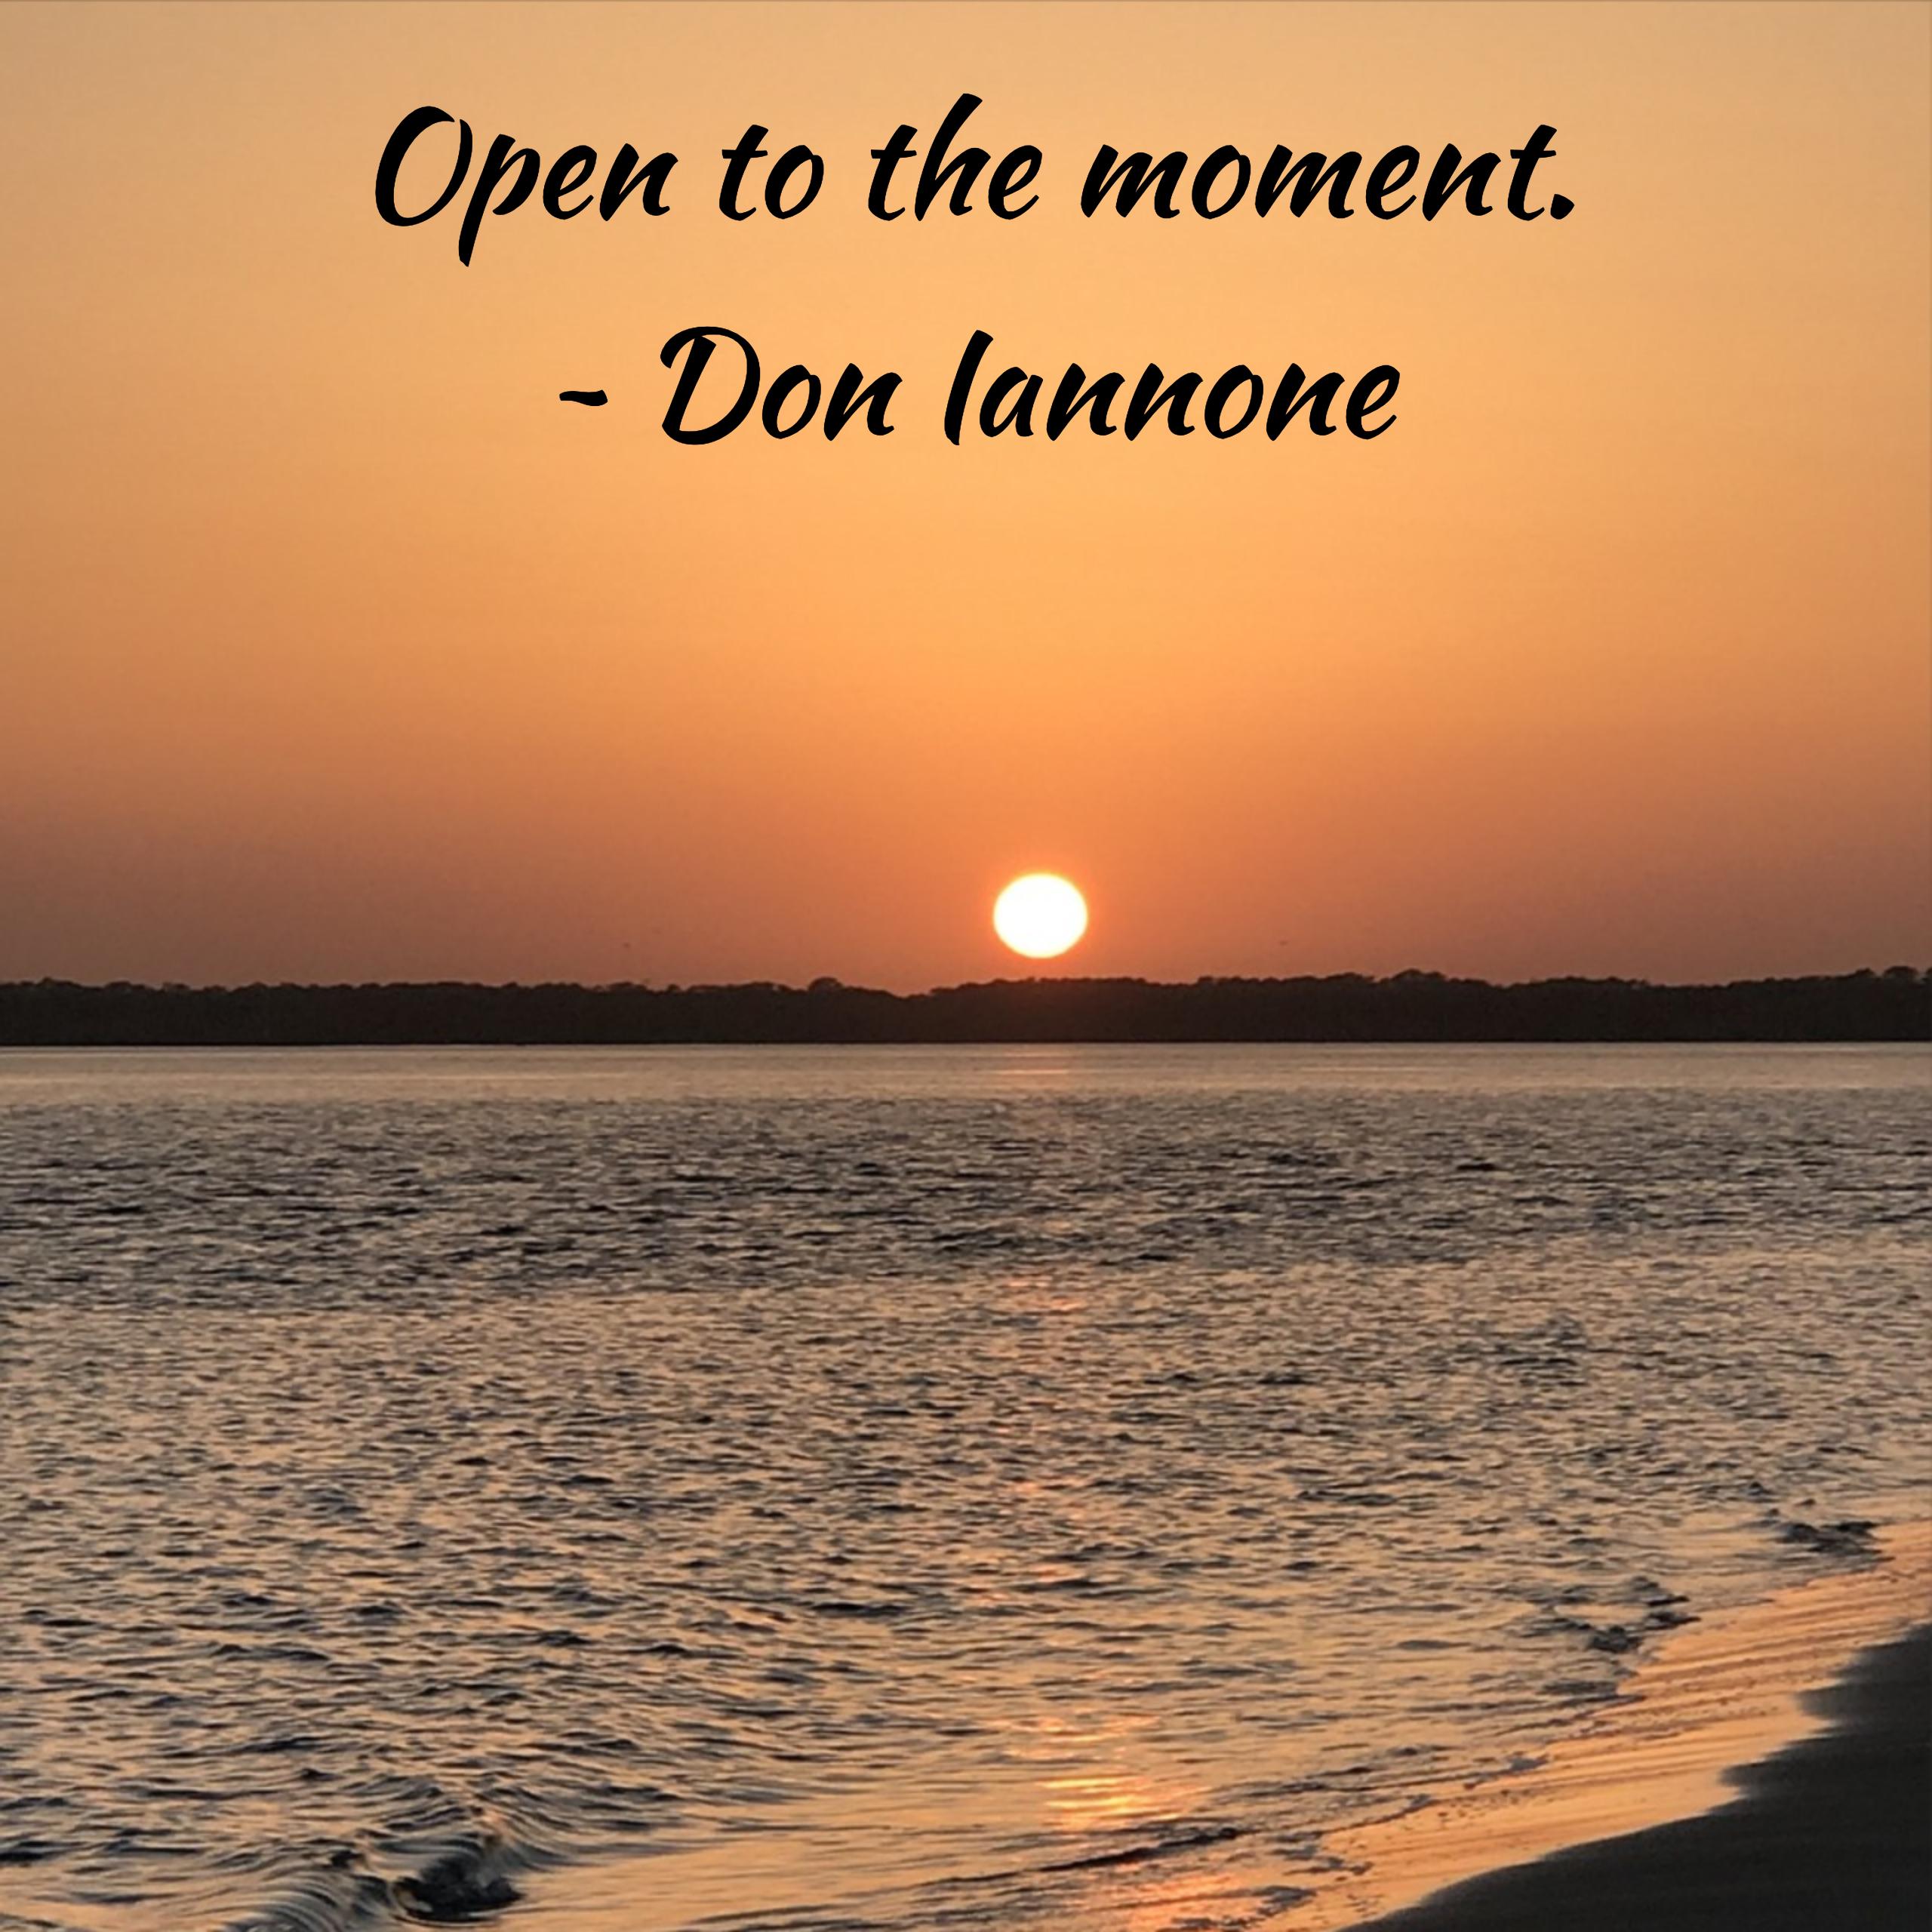 open moment.jpg